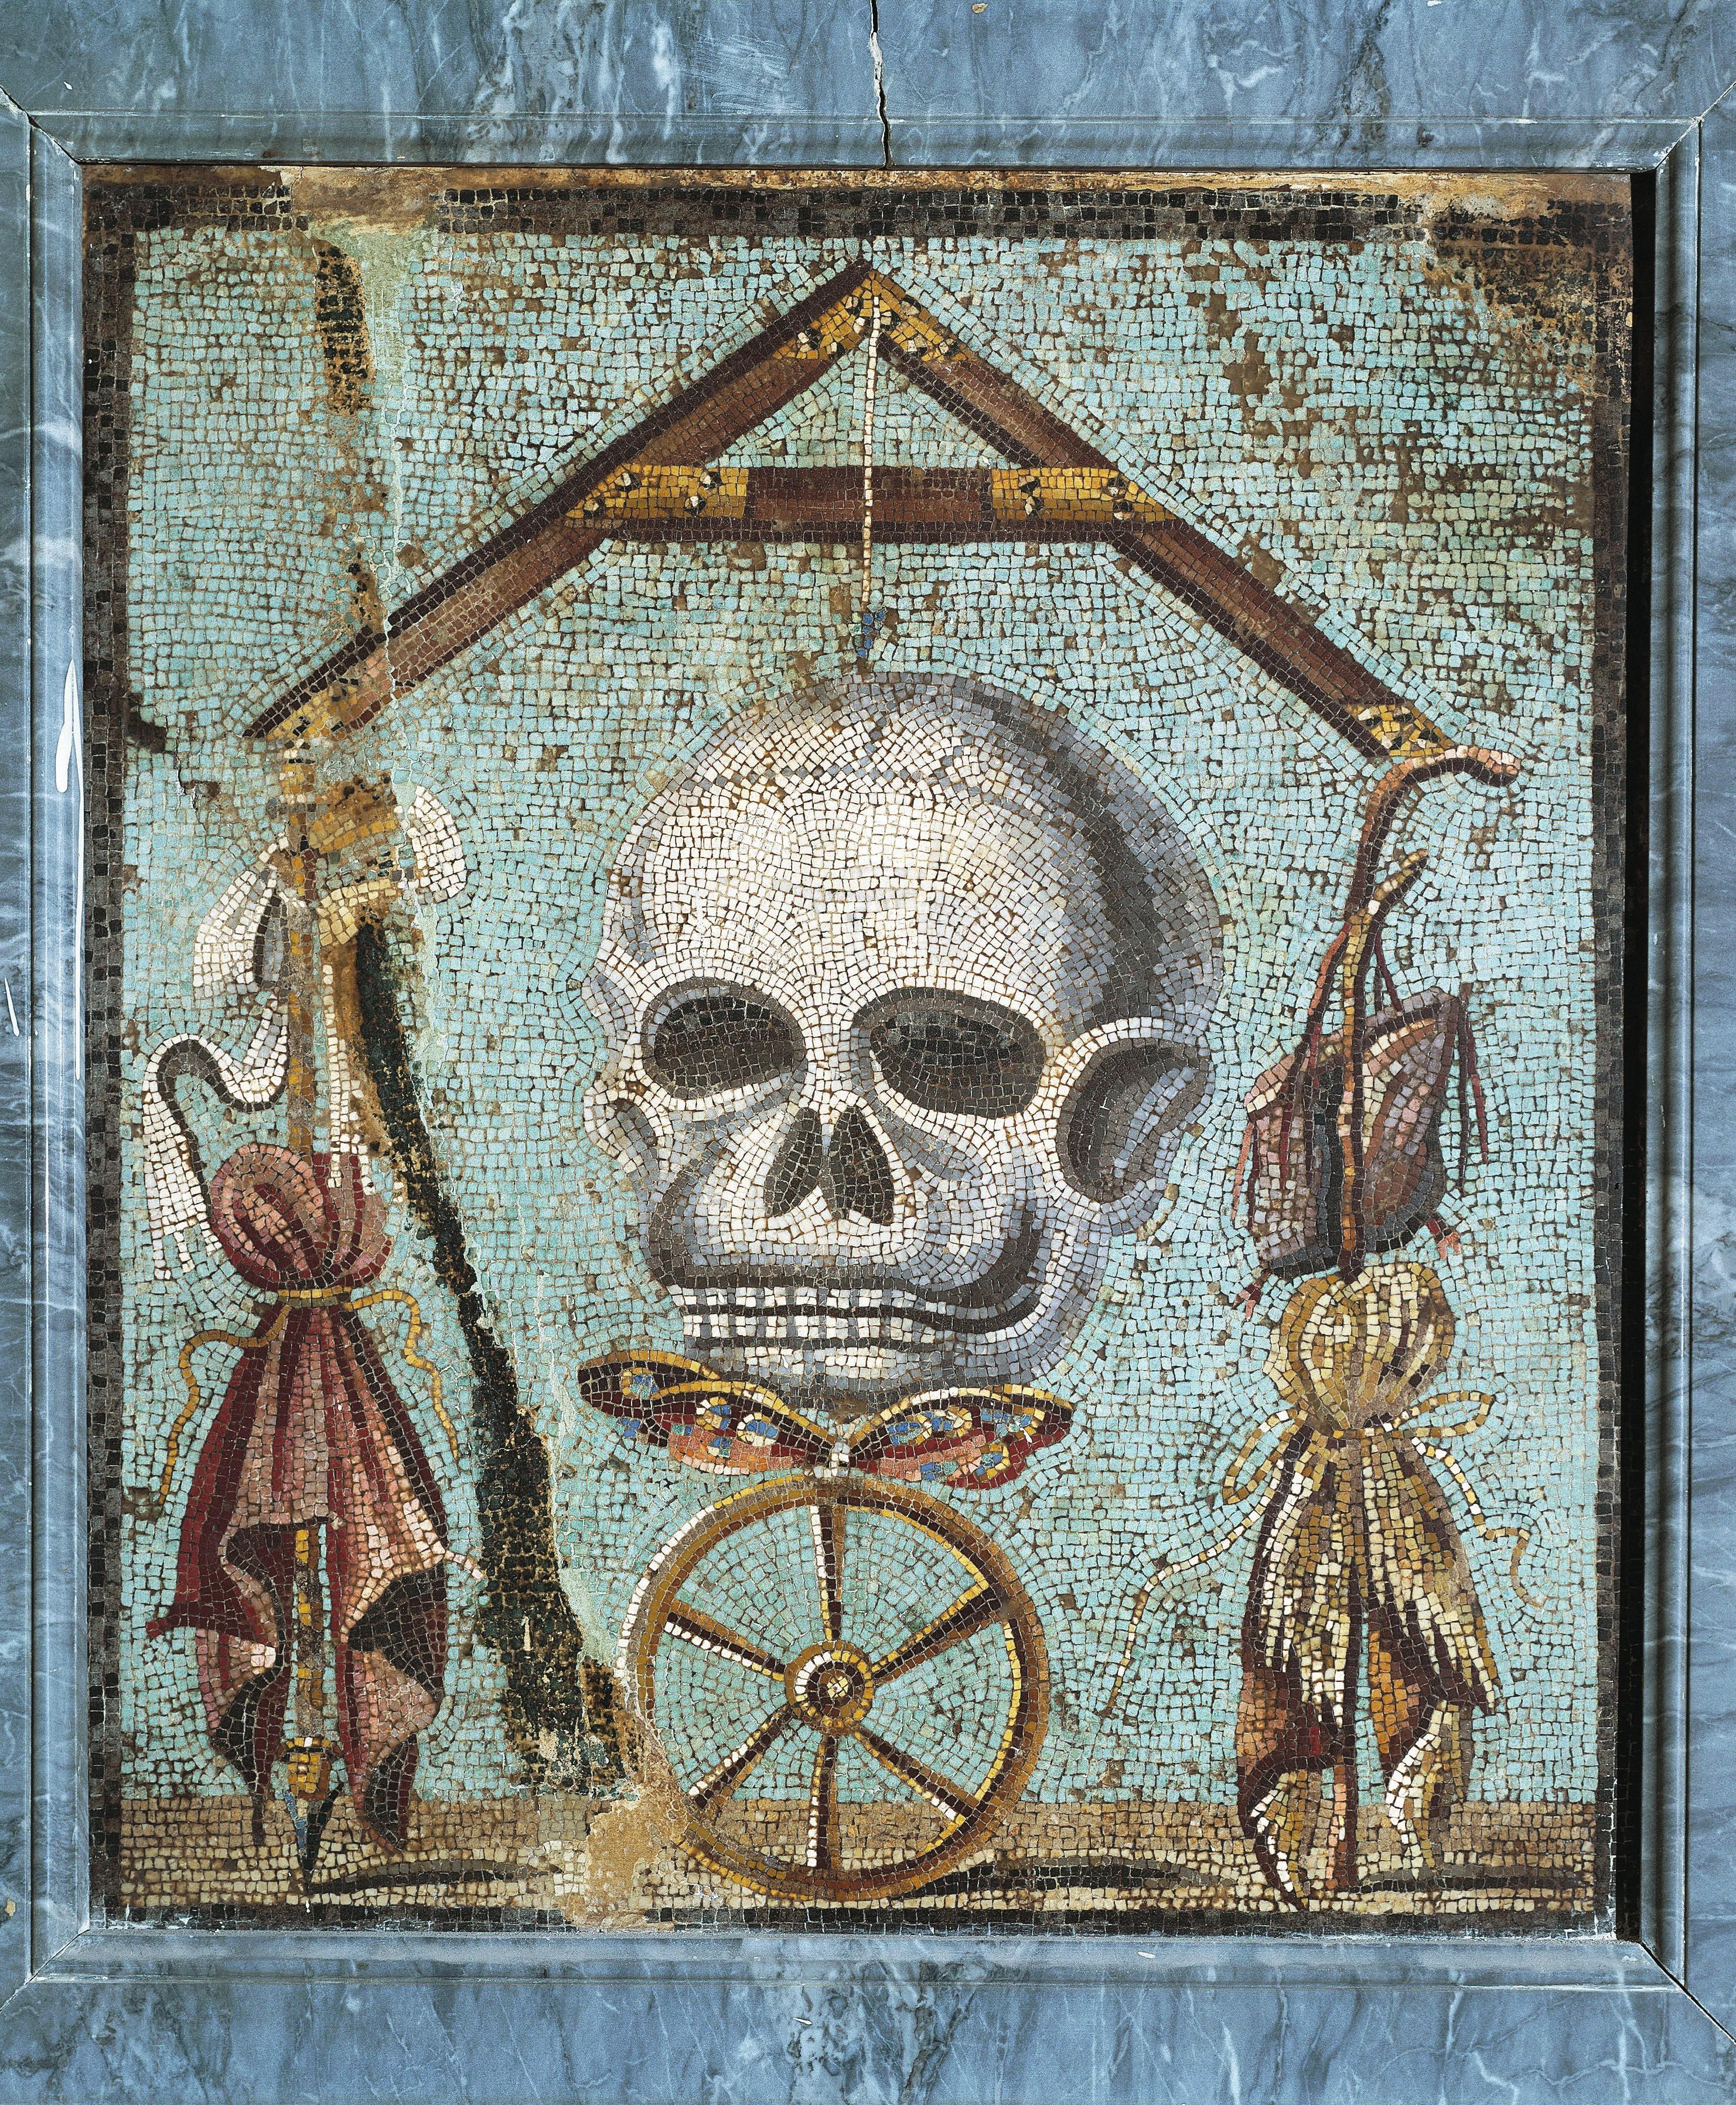 Tête de mort avec les attributs du mendiant et du roi, avant 79, mosaïque provenant de Pompéi, musée Archéologique, Naples, Italie.